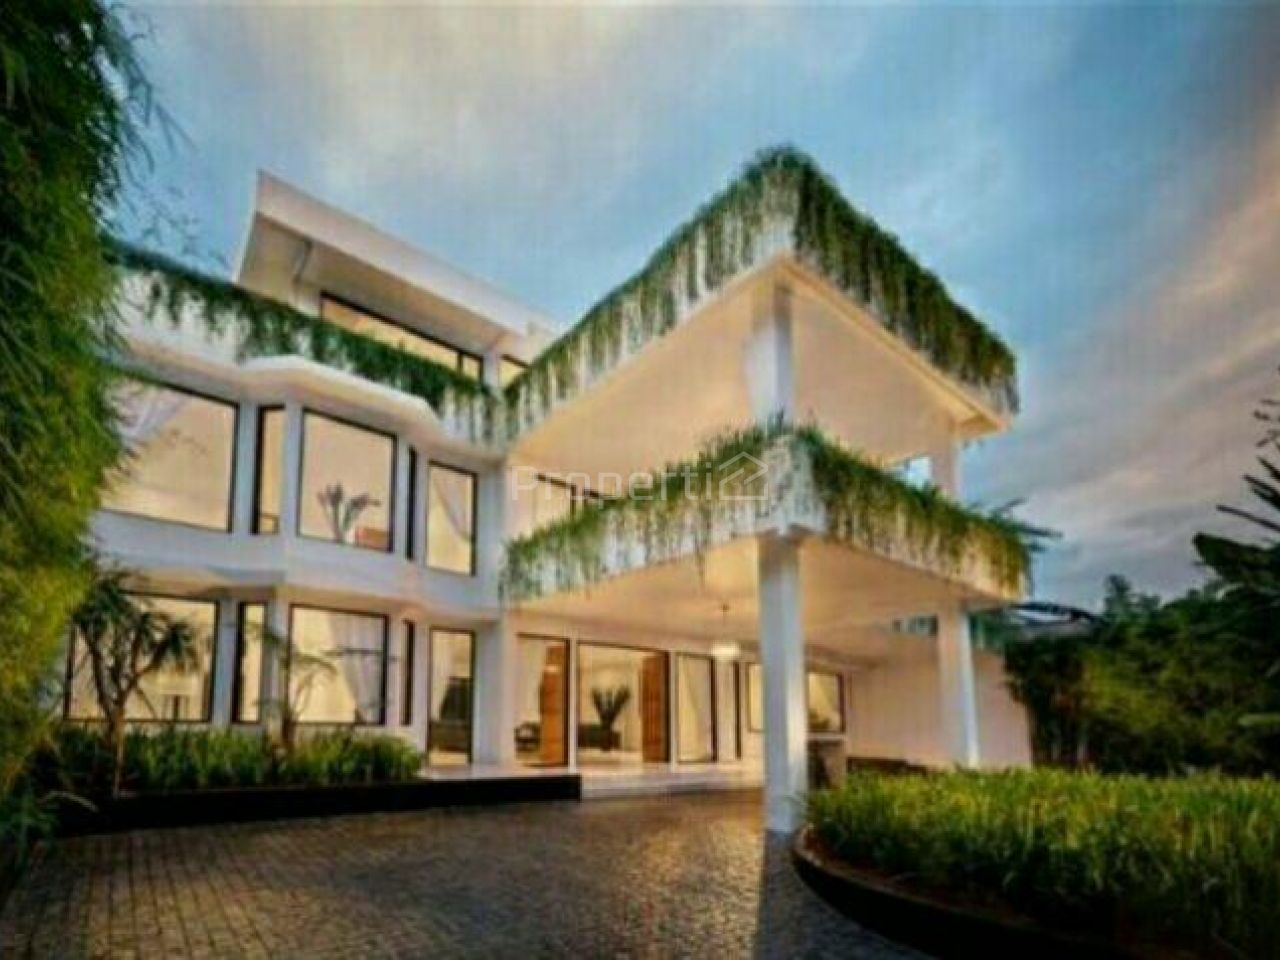 Rumah Mewah di Menteng, Jakarta Pusat, DKI Jakarta